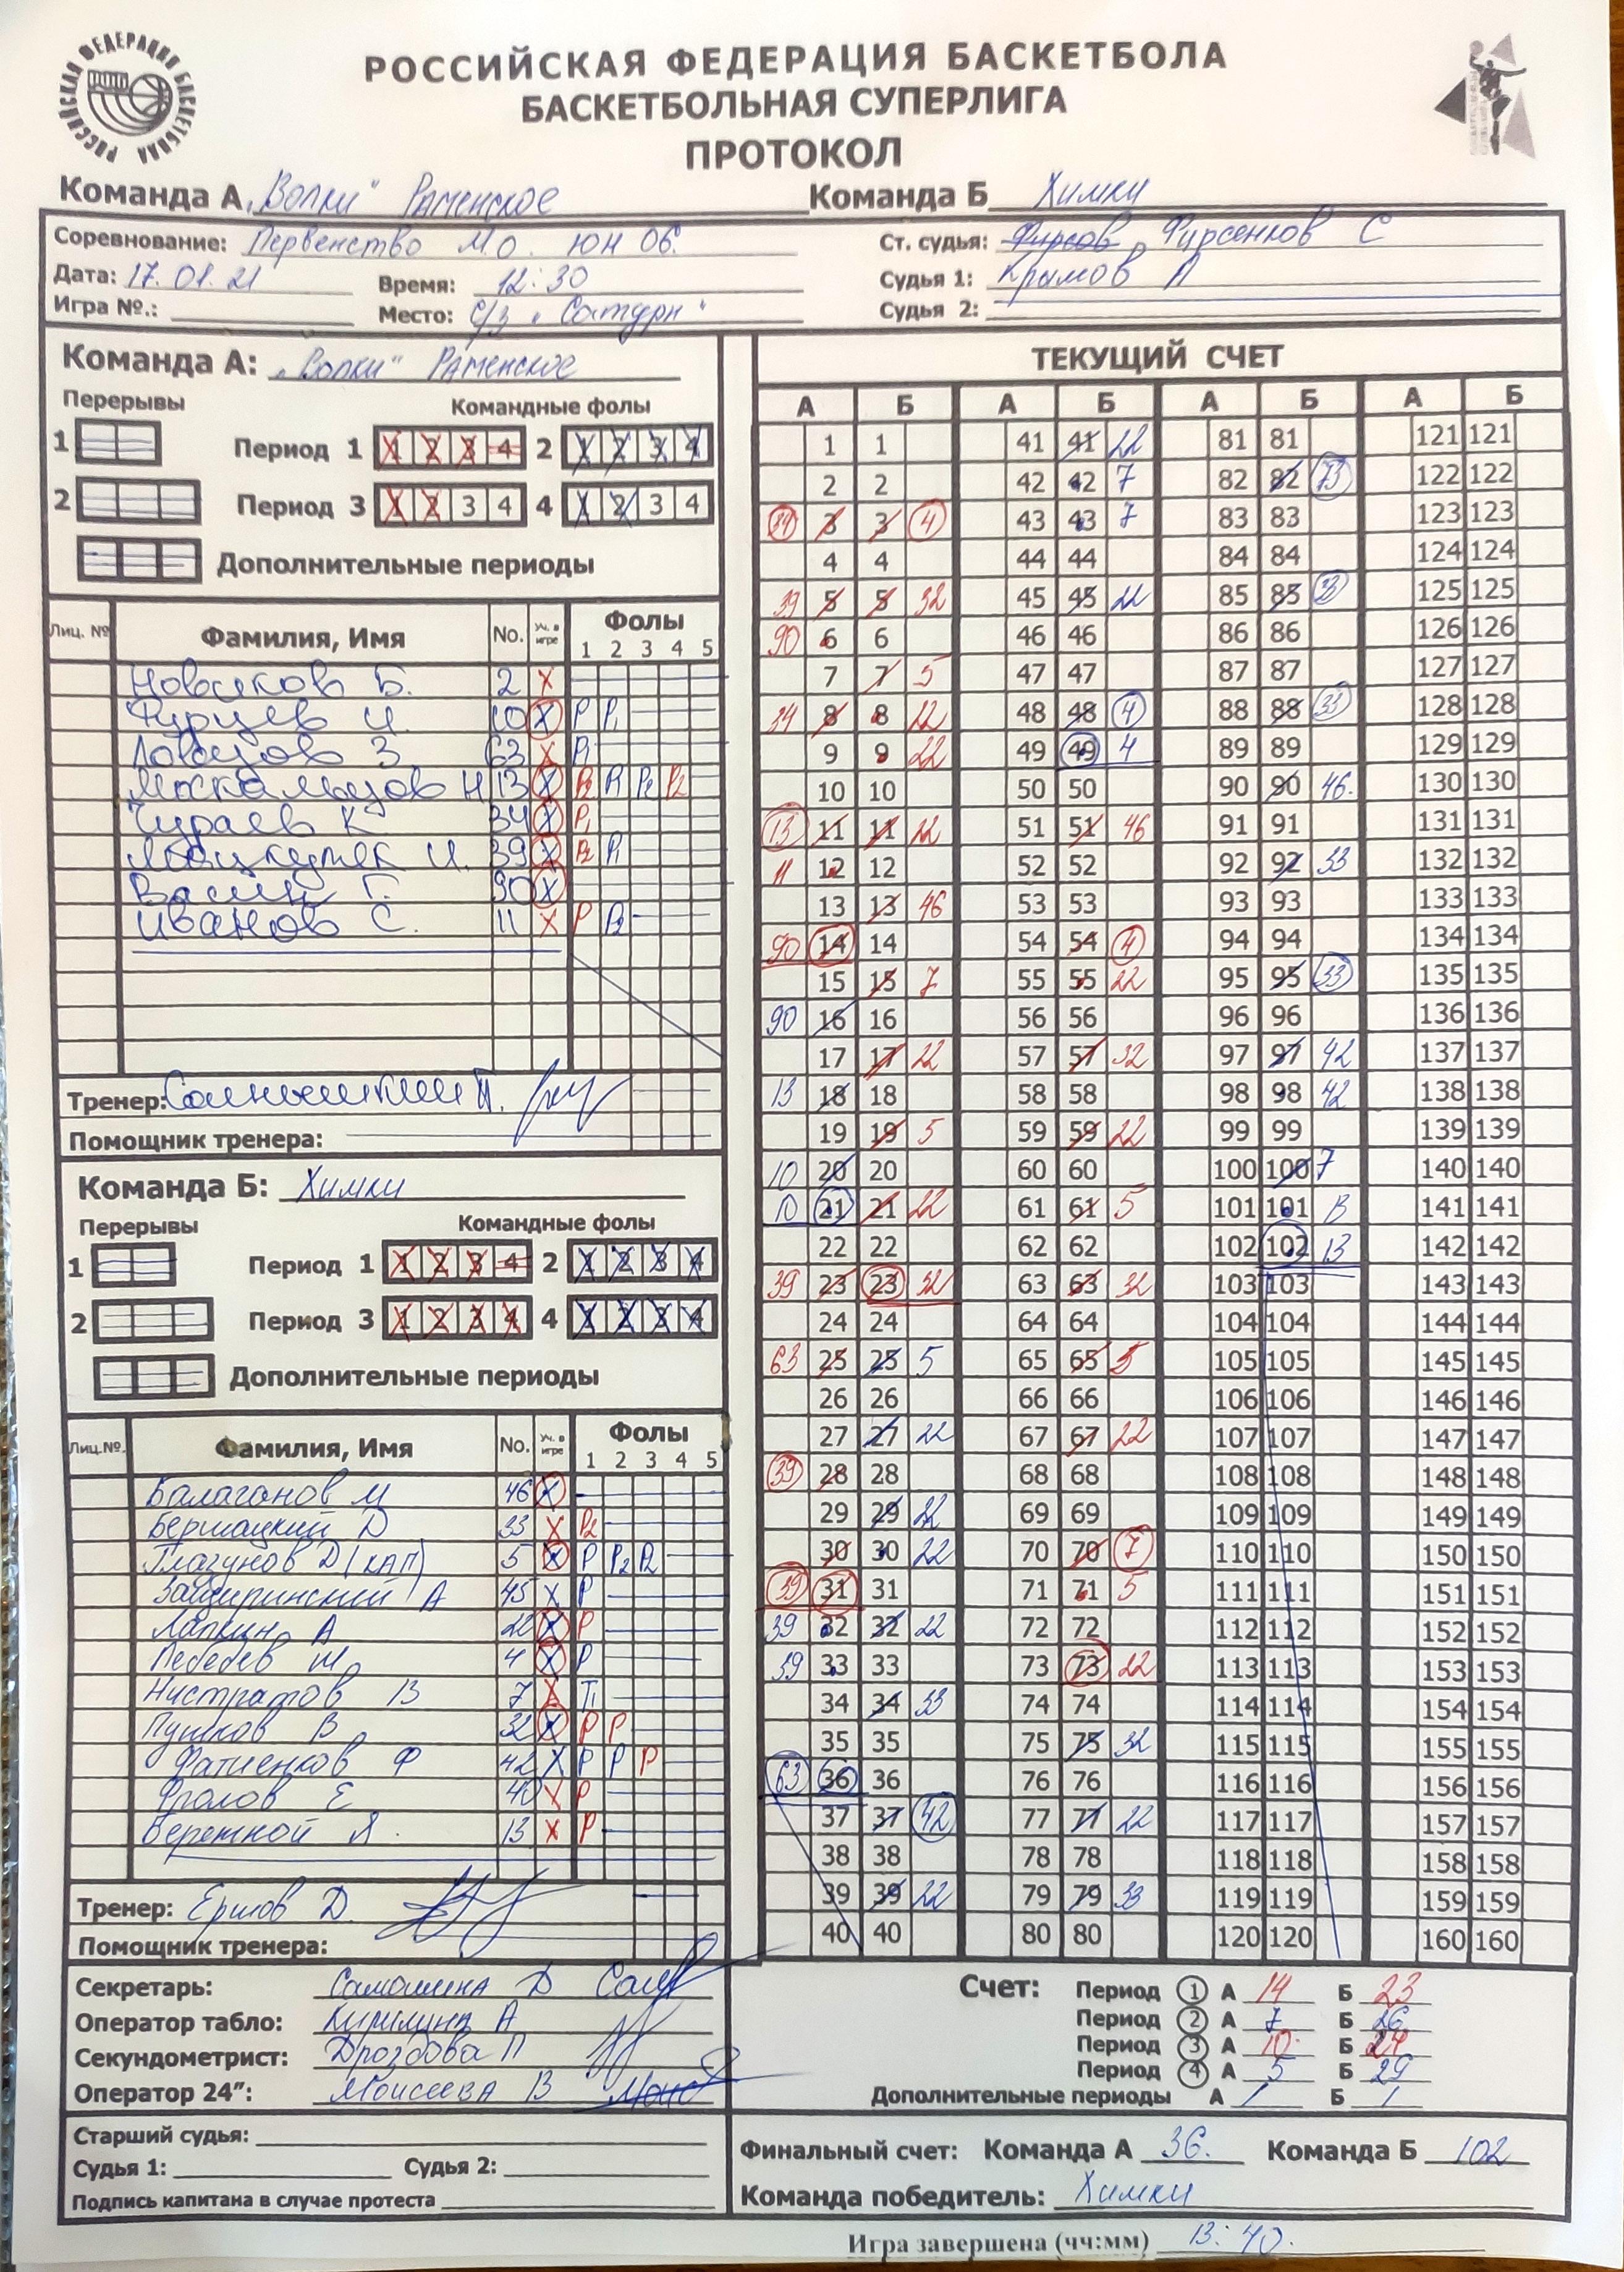 Протокол матча Волки - Химки, СЛ МО'06, г. Раменское, 17.01.2021